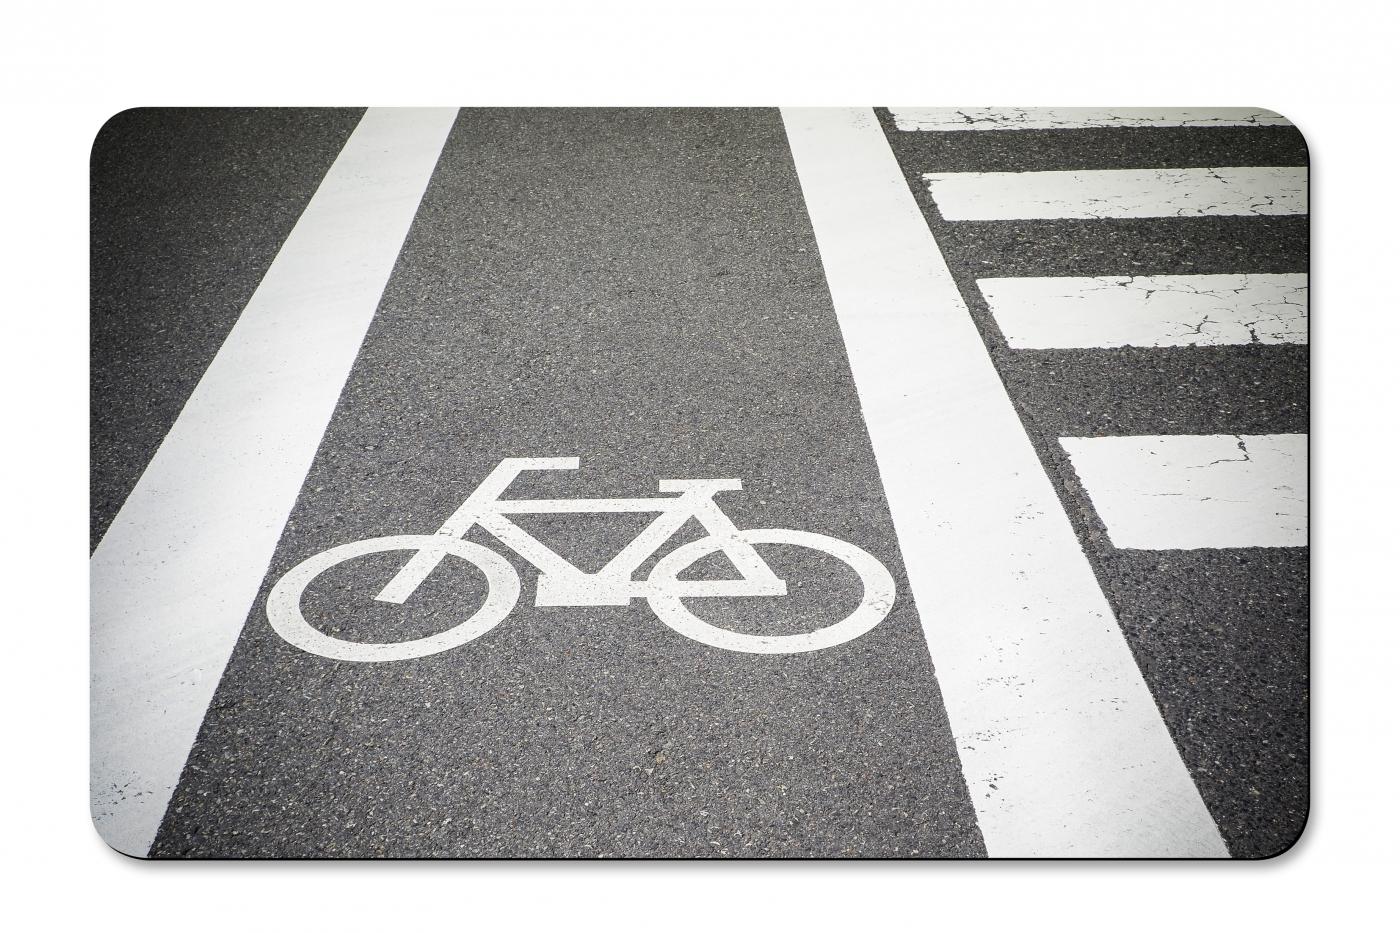 Prkénko umakartové Bike, 24x14 cm, šedá / bílá